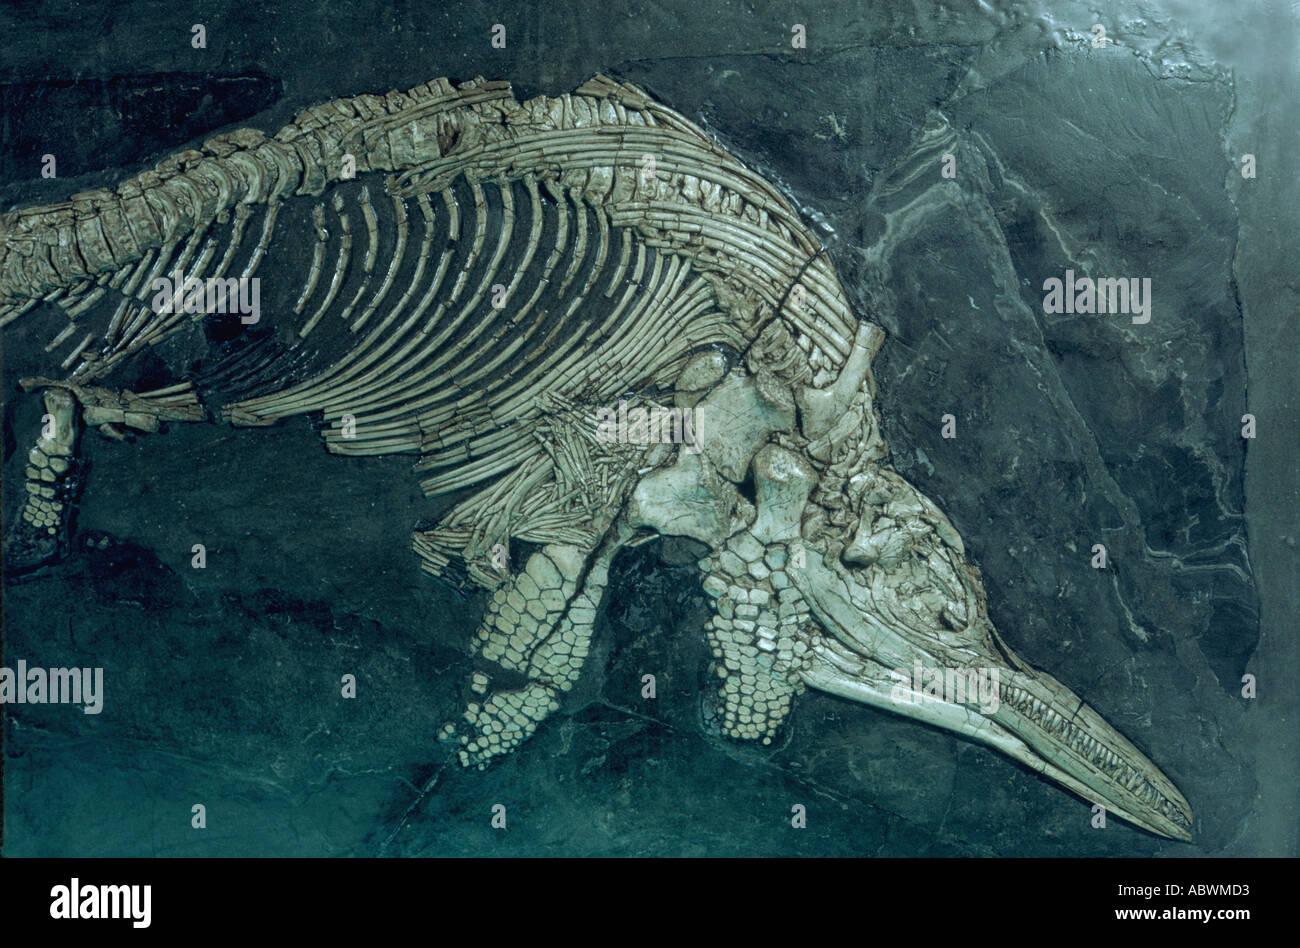 Ichthyosaurus intermedius, d'ichthyosaure Lias inférieur au niveau de la rue, du Jurassique Photo Stock